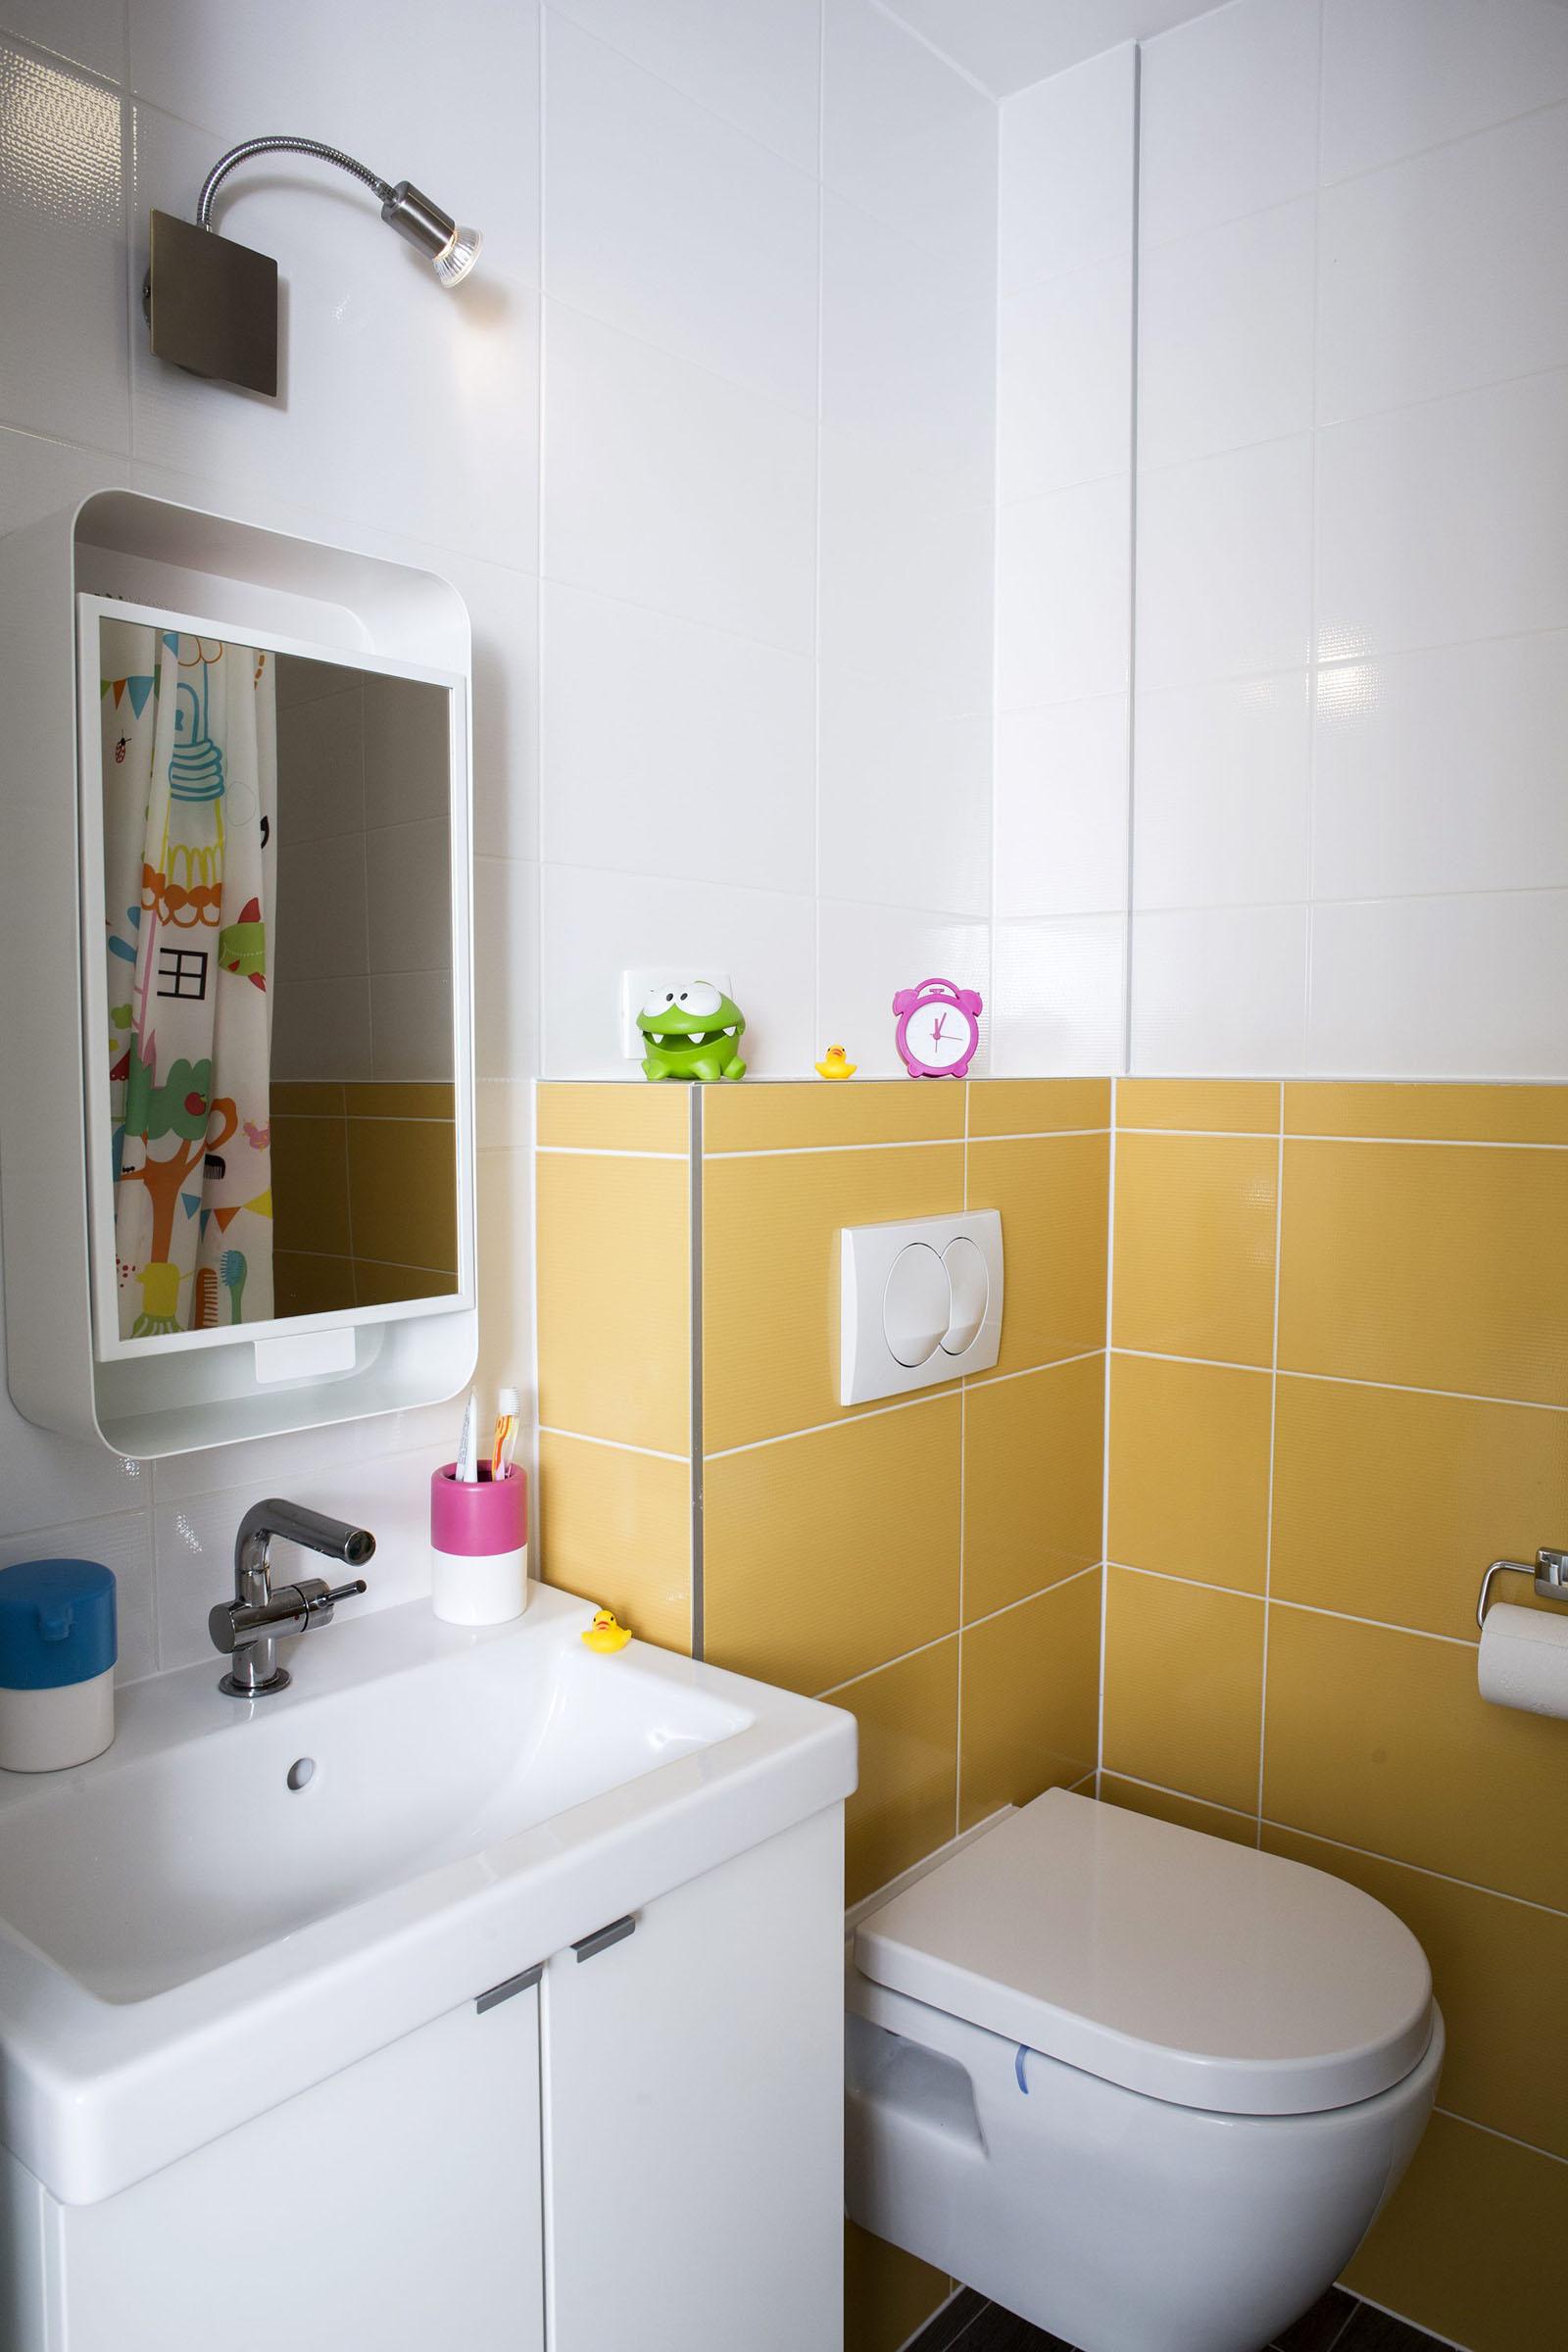 Zagreb 080318. Stan u suterenu na Savici u kojem zivi cetveroclana obitelj adaptirala je firma Bolanca gradnja. Foto: Berislava Picek/ CROPIX